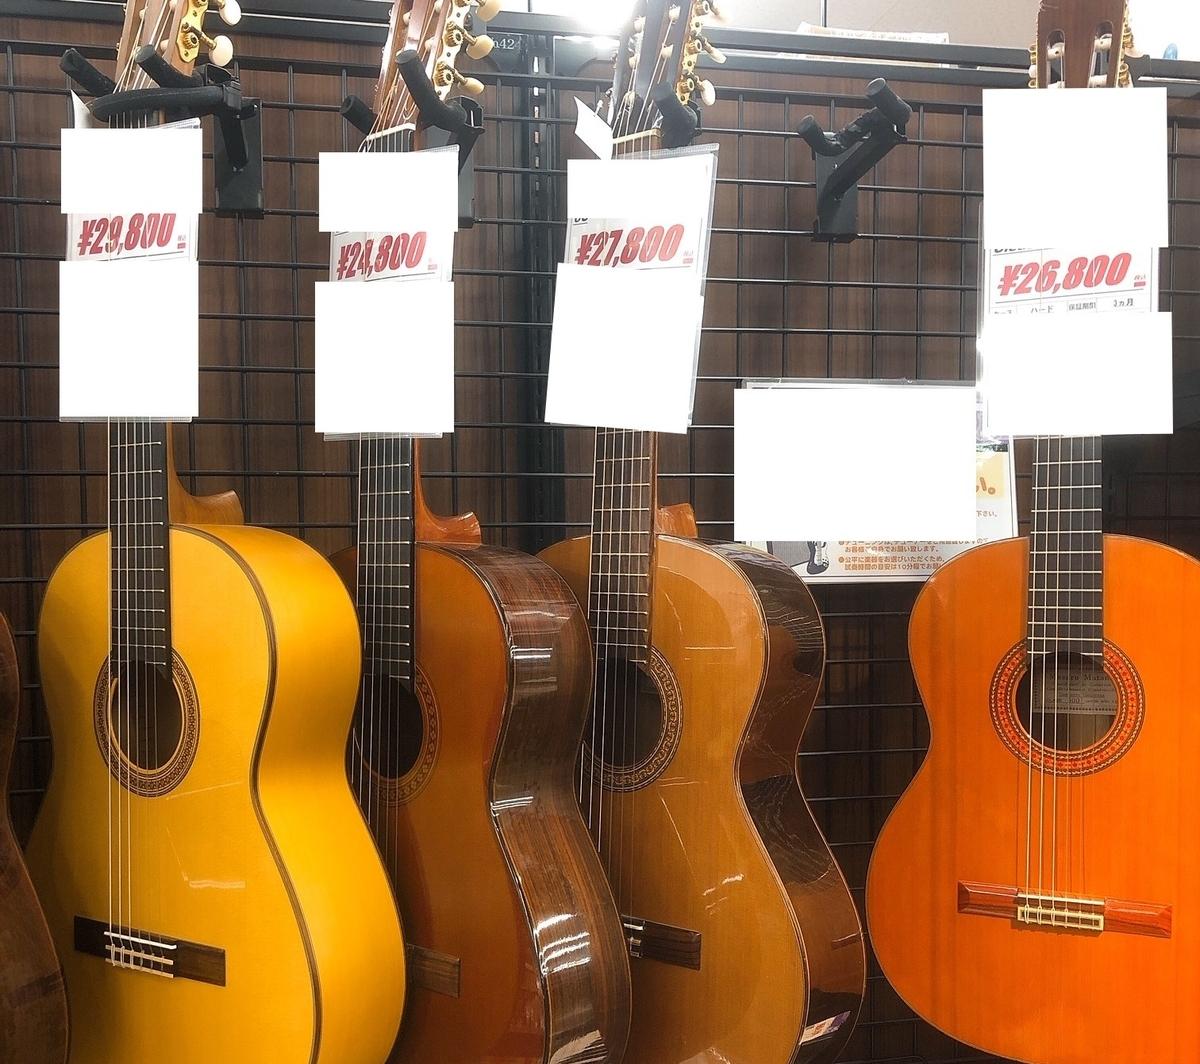 捨てないで売れば資産になるフォークギター